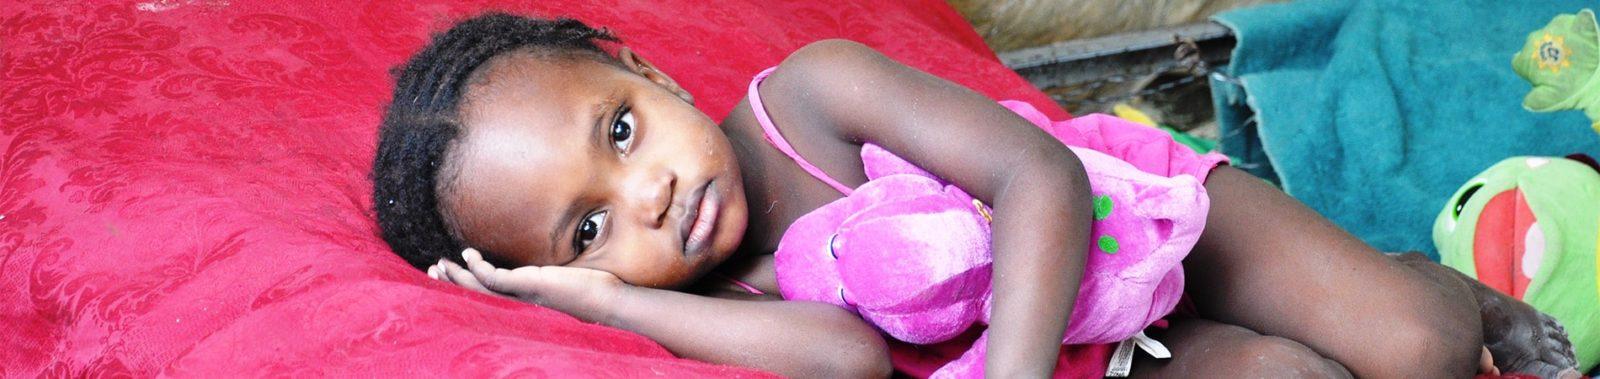 enfant haiti